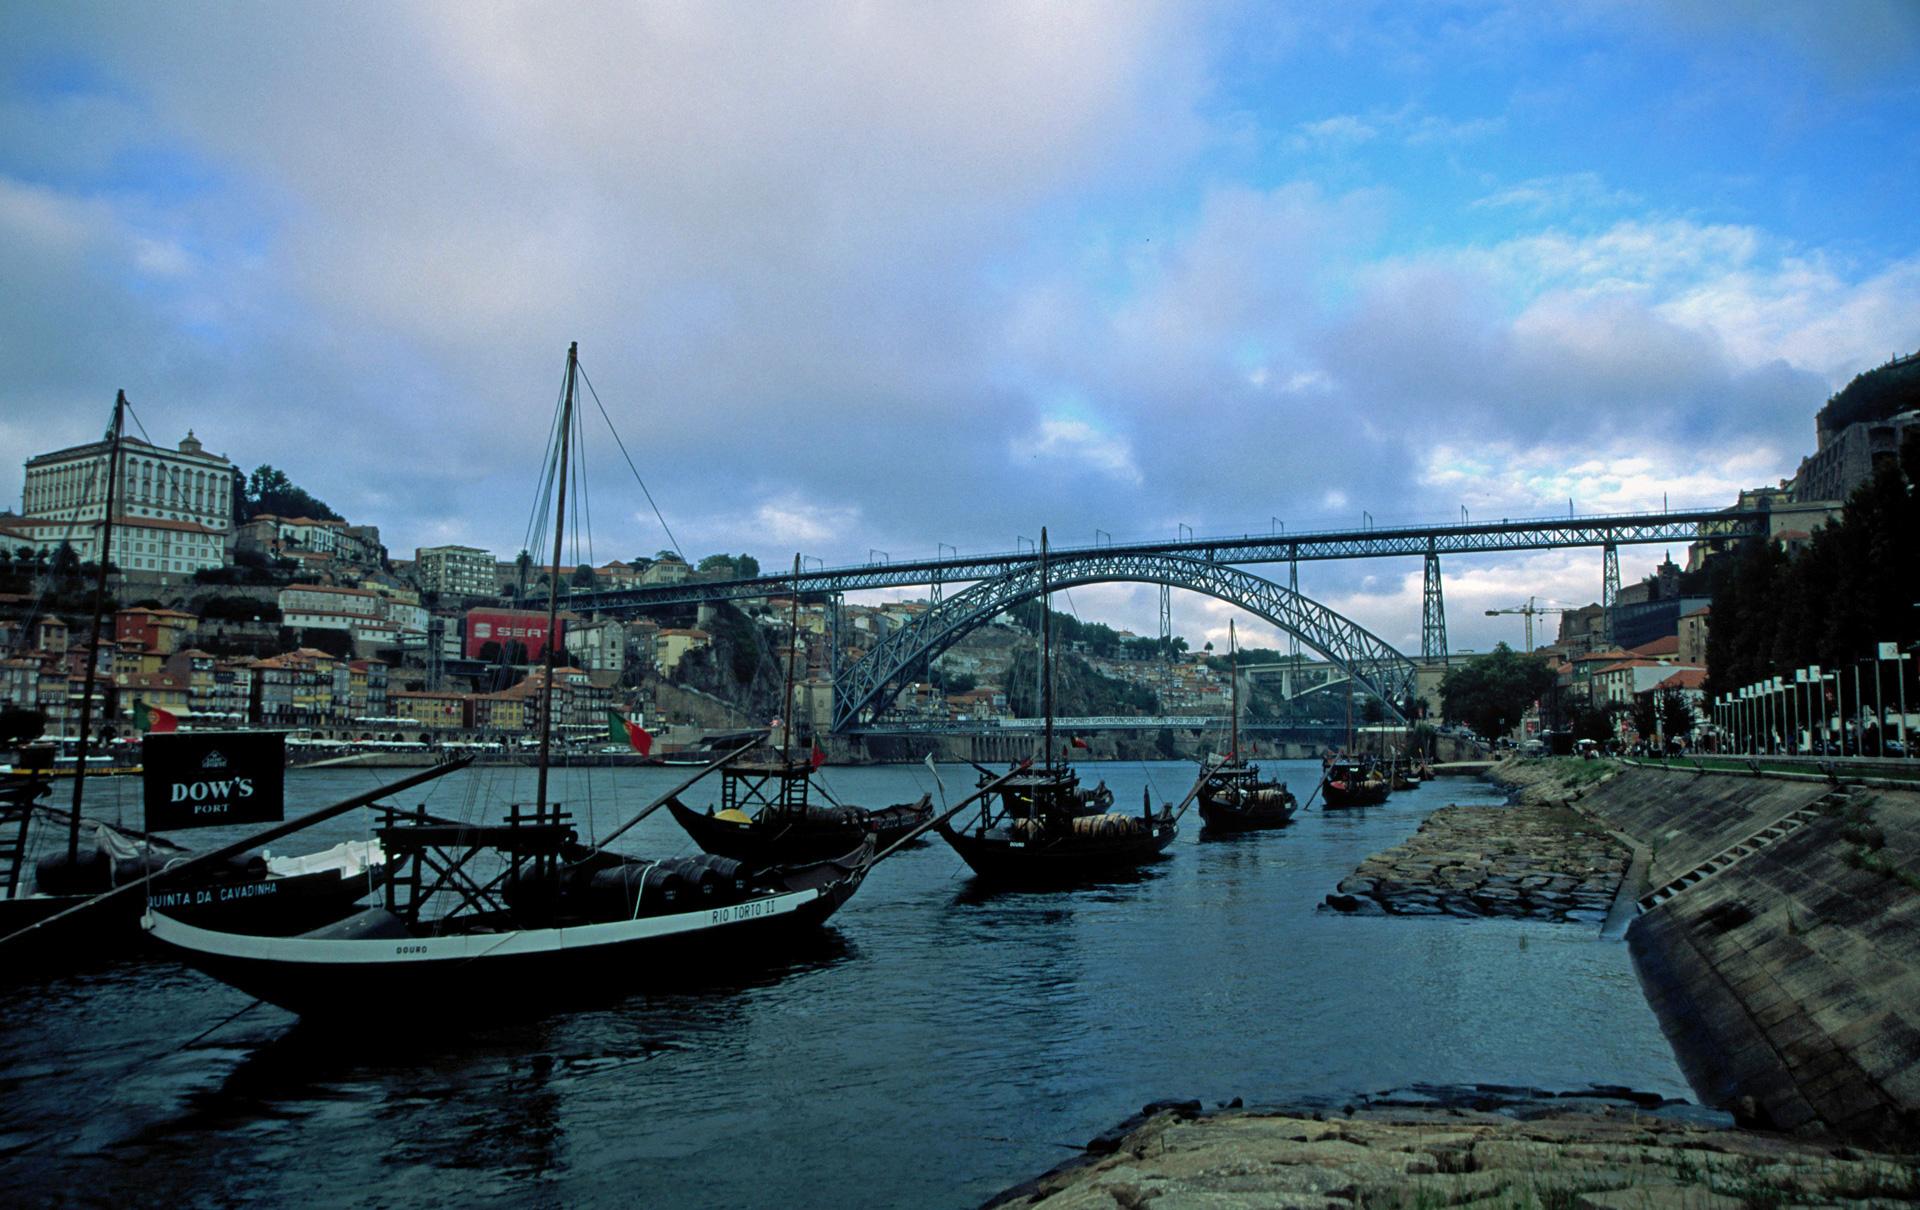 De Barcos Rabelos te water in de Douro voor de Porthuizen